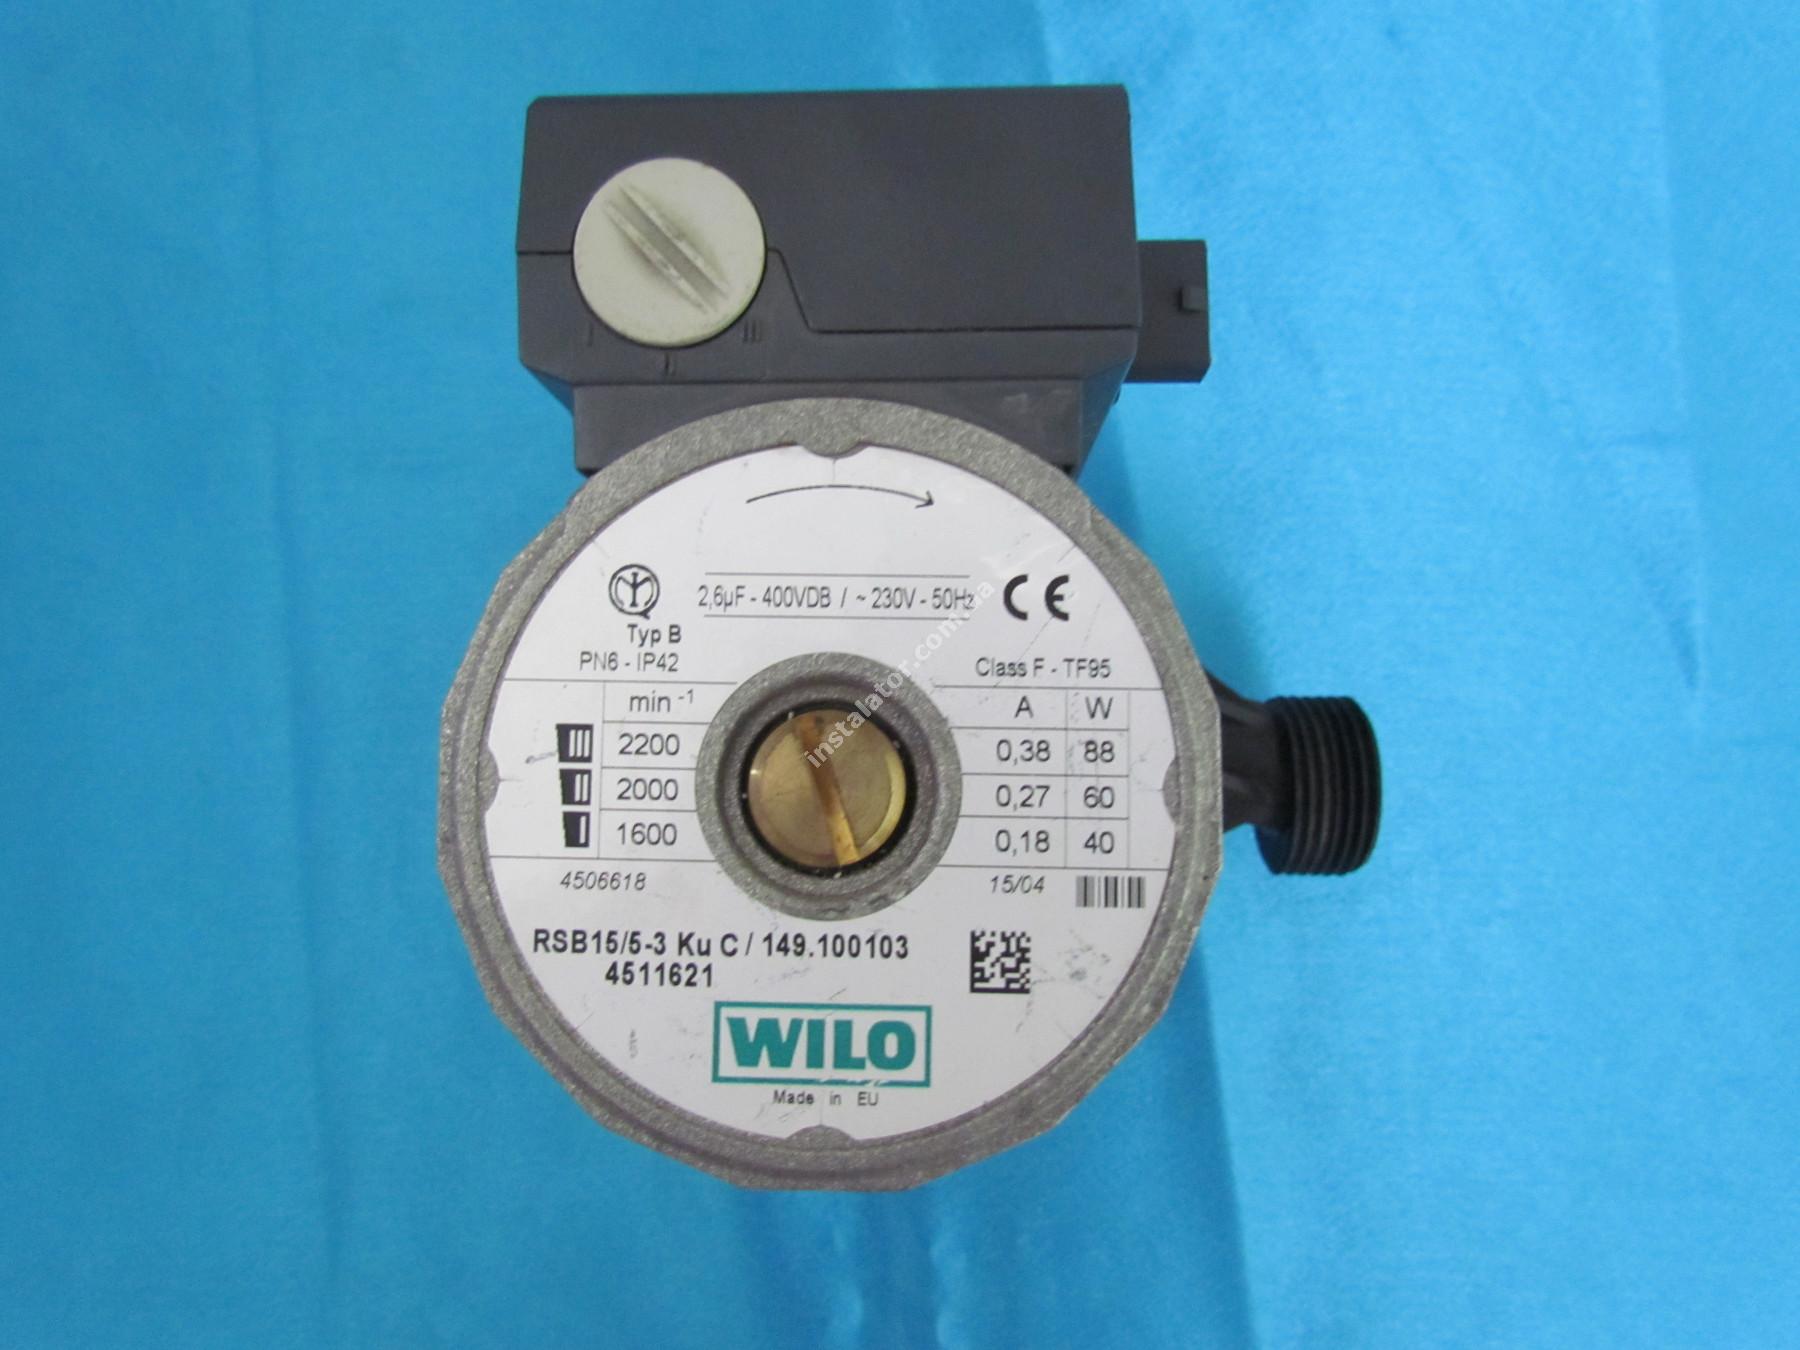 Циркуляційний насос Wilo full-image-1